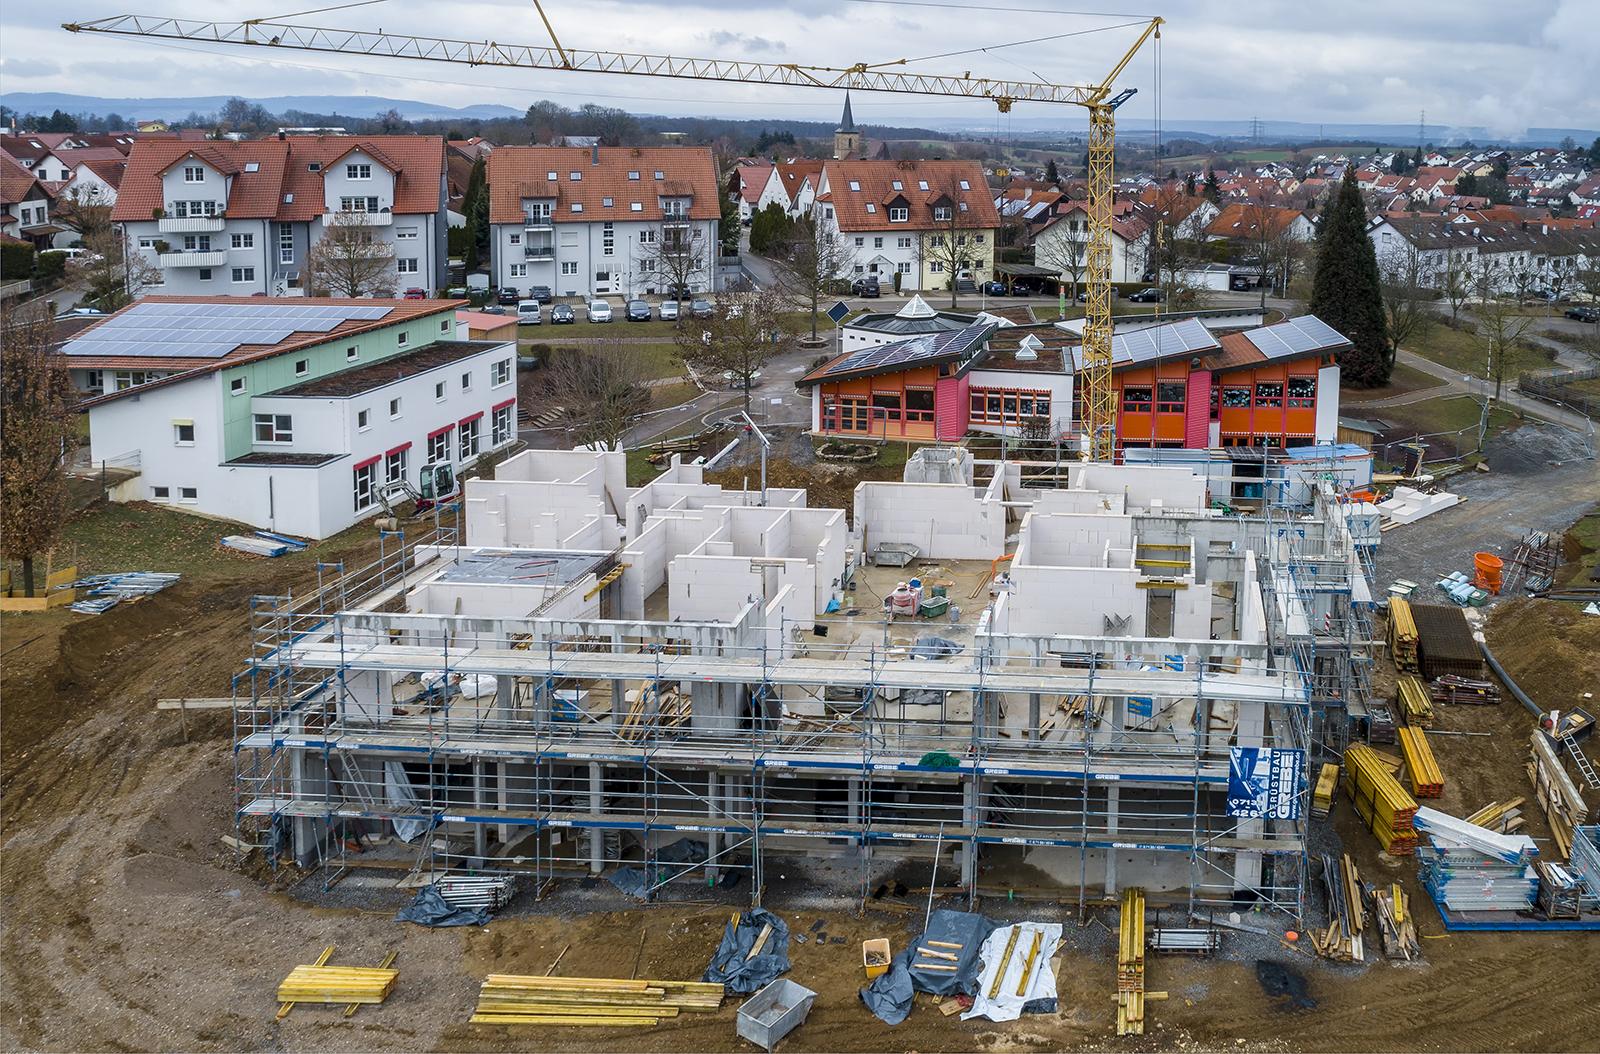 Besigheim-Ottmarsheim, Kindertagesstätte